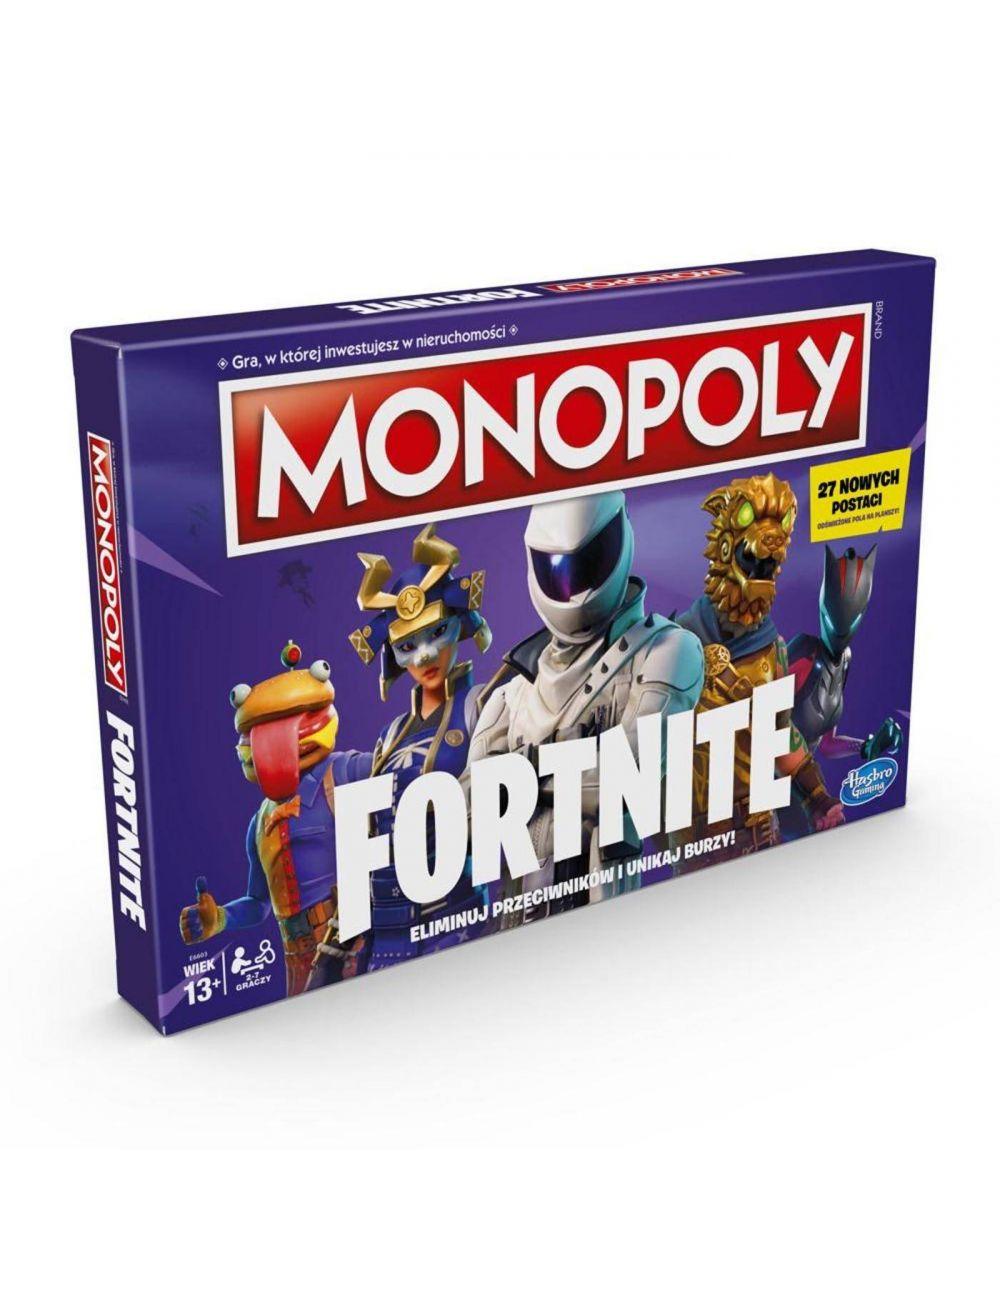 MONOPOLY Fortnite ekonomiczna gra planszowa